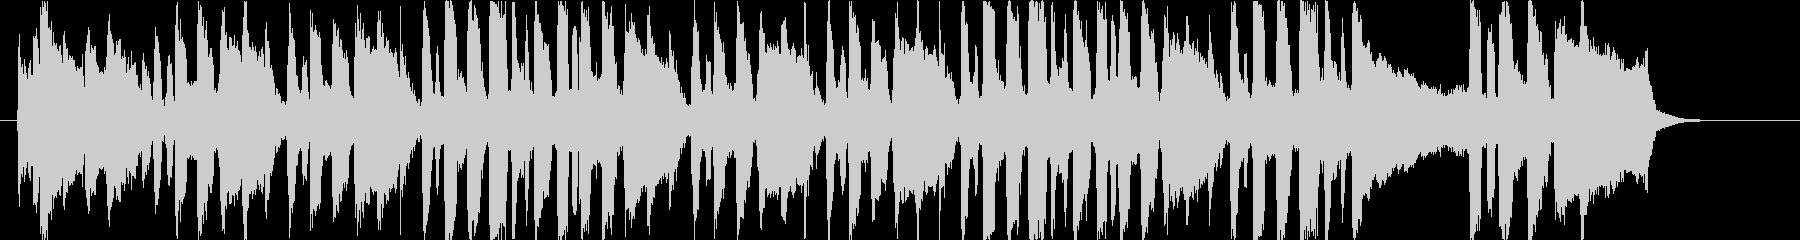 誕生日の歌(ワルツver) 【イツキ】の未再生の波形